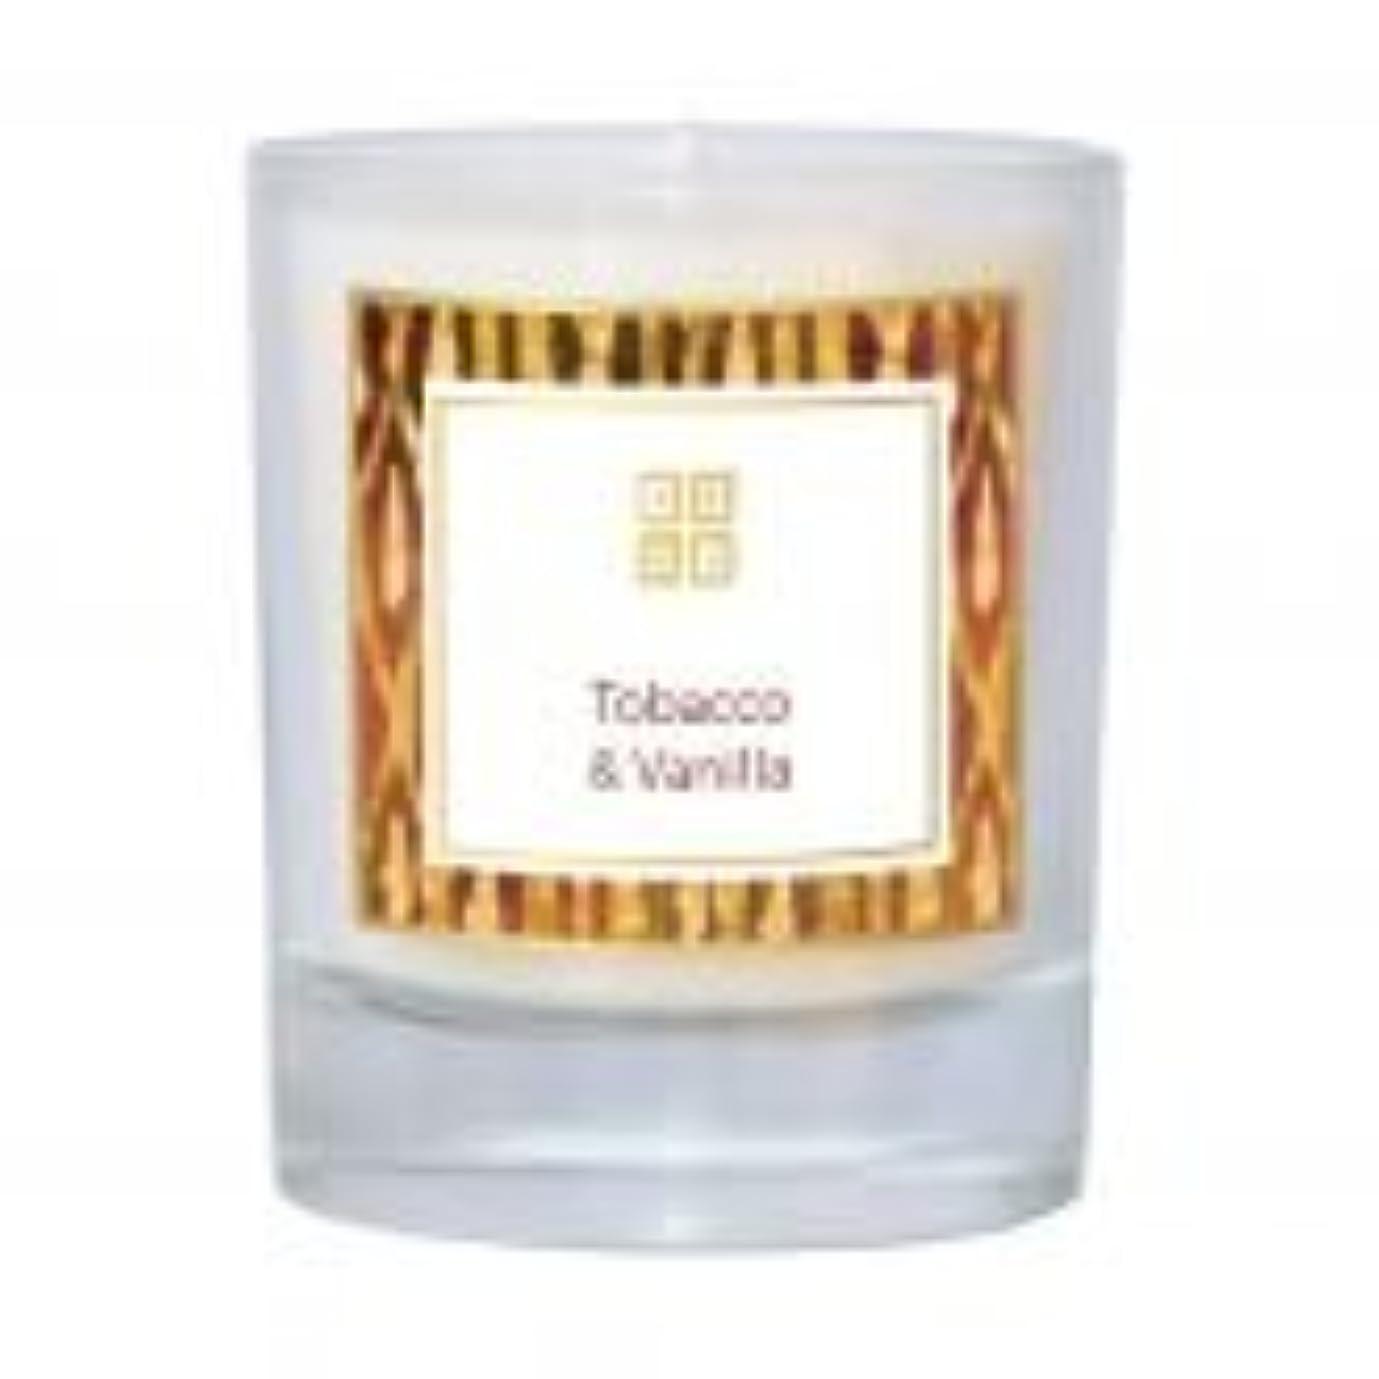 土器ダーツ迷彩Tobacco &バニラ香りのキャンドル 7 oz ホワイト 502-08851